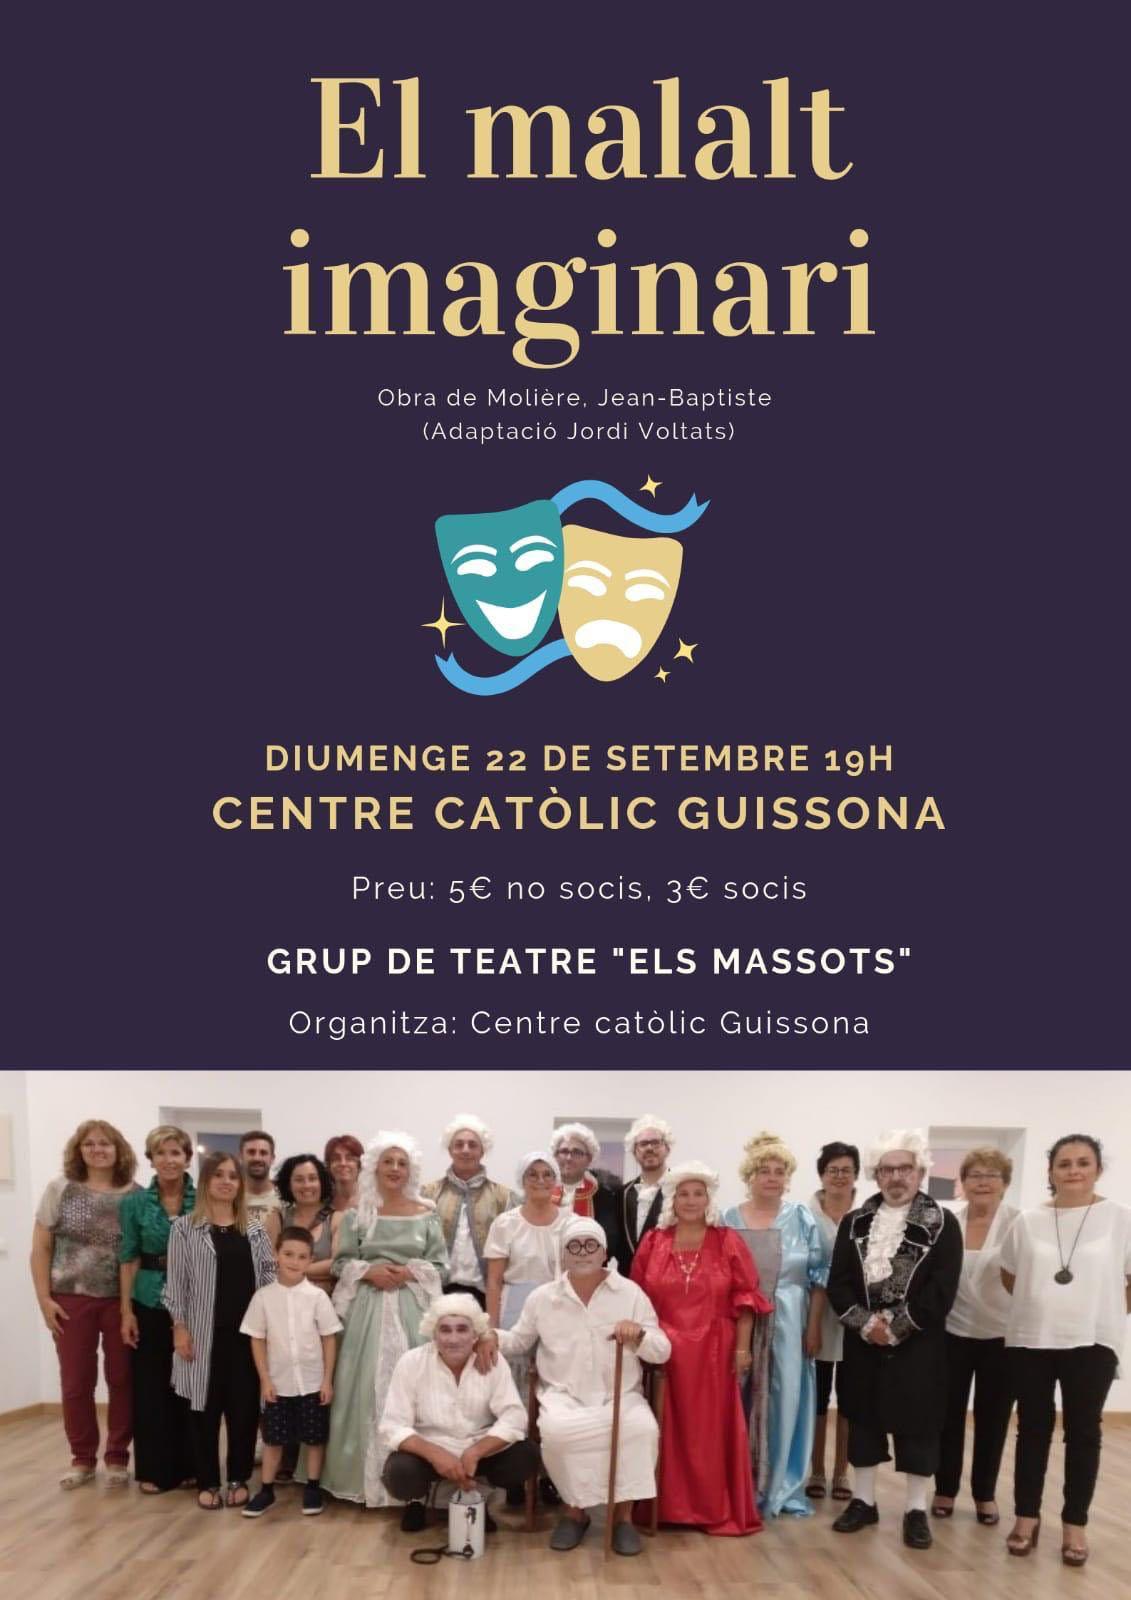 cartell Teatre 'El malalt imaginari'